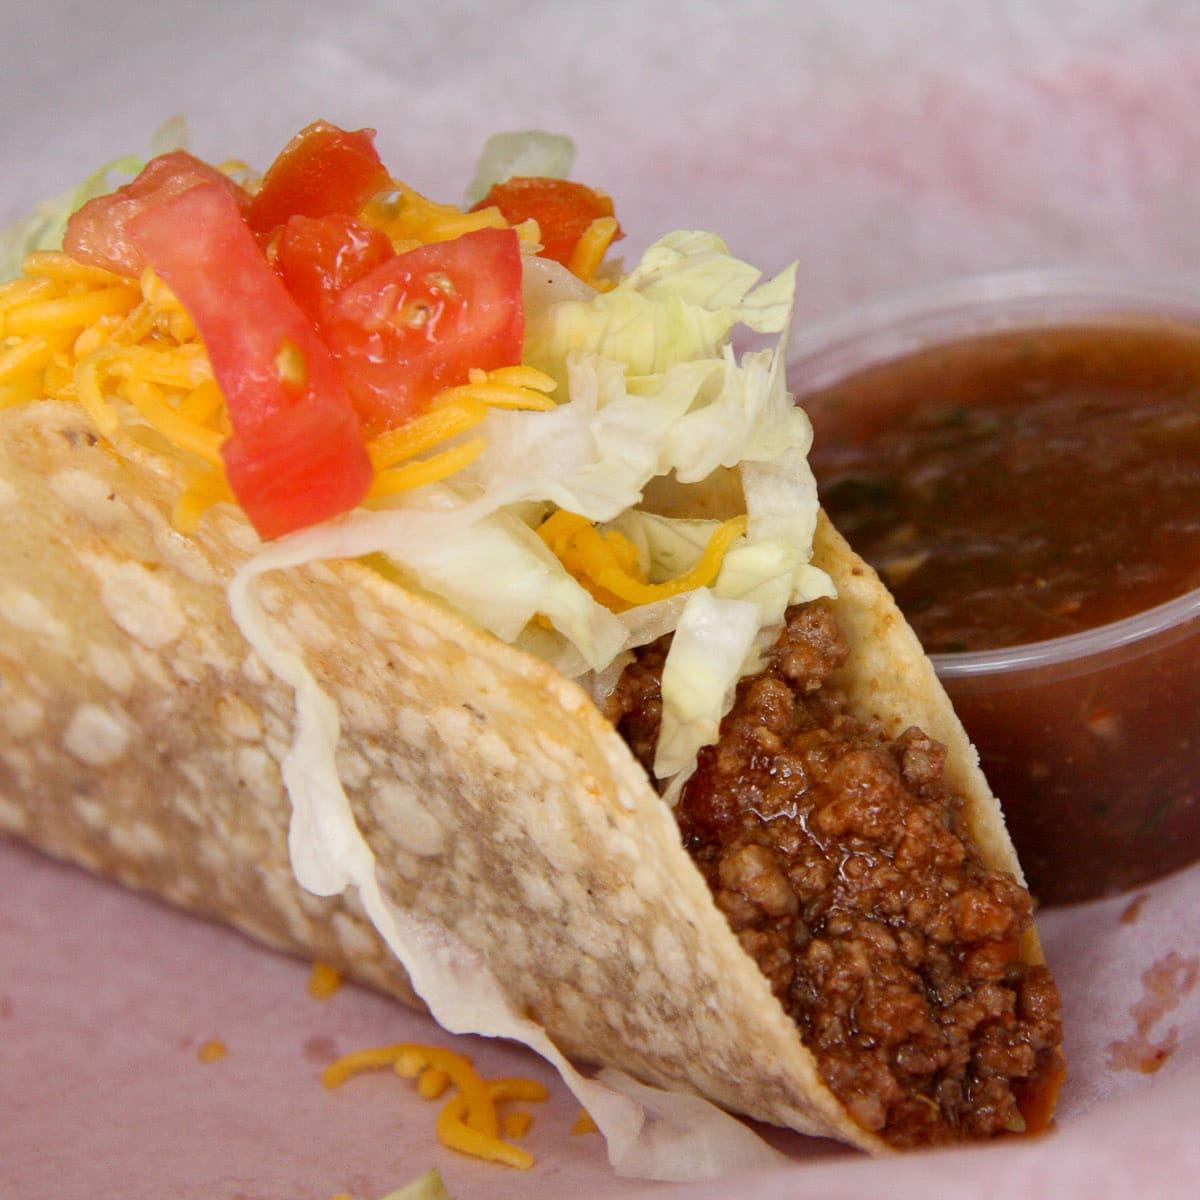 Skeeter's Mesquite Grill crispy taco